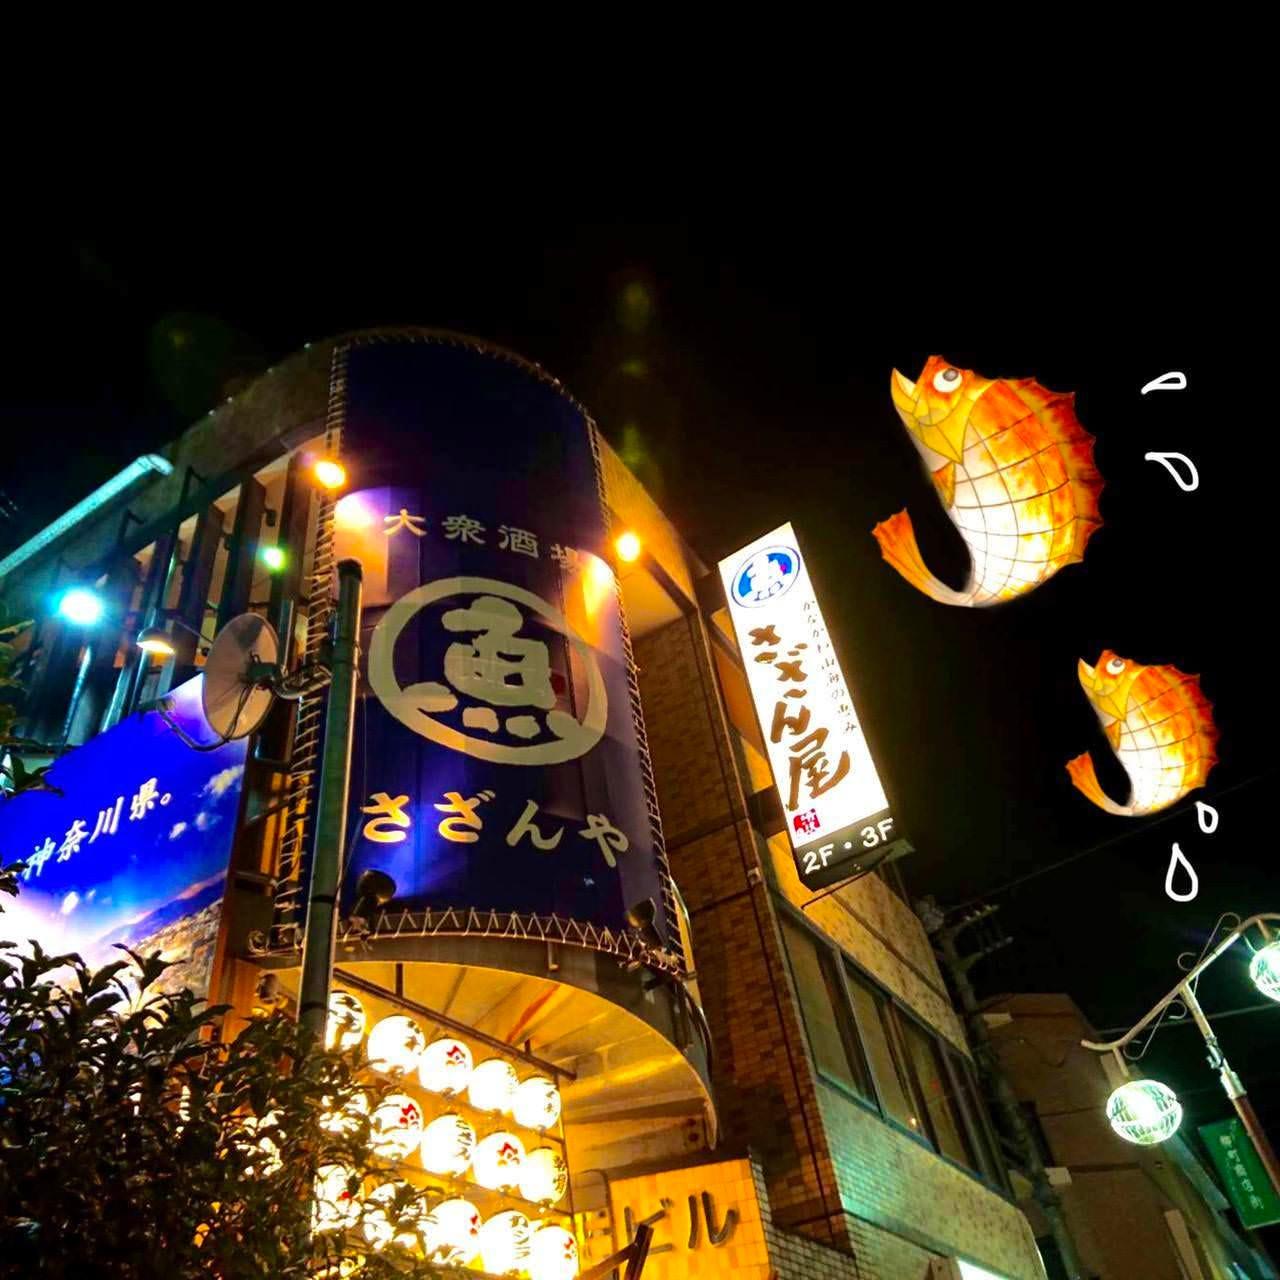 さざん屋 渋沢店